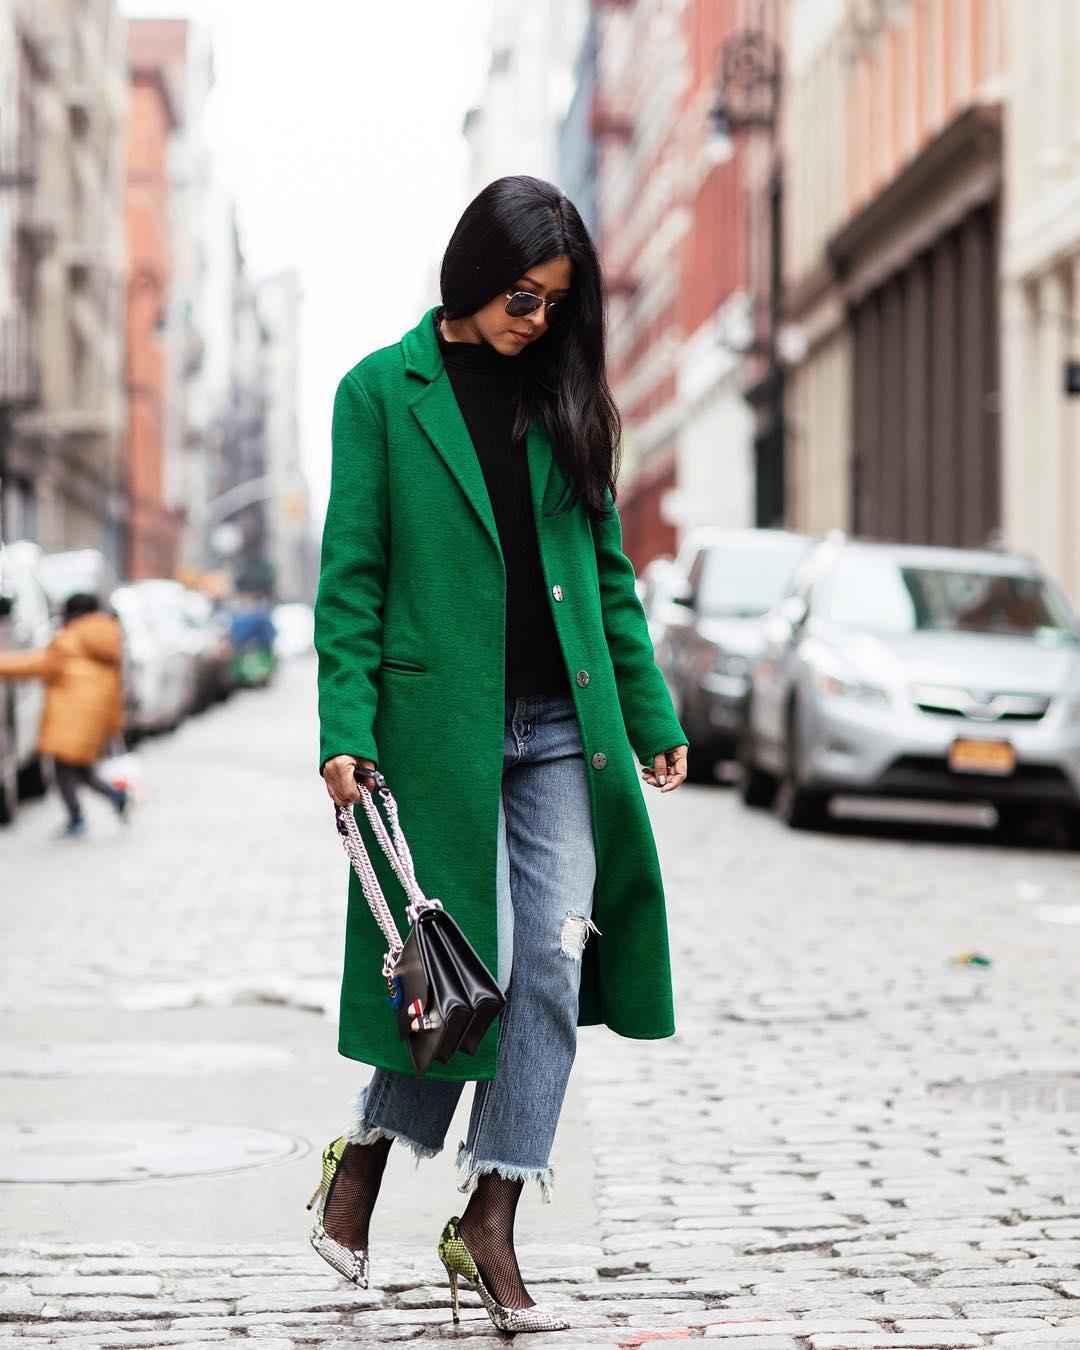 Ngắm street style đơn giản nhưng đẹp mắt của các blogger tuần này